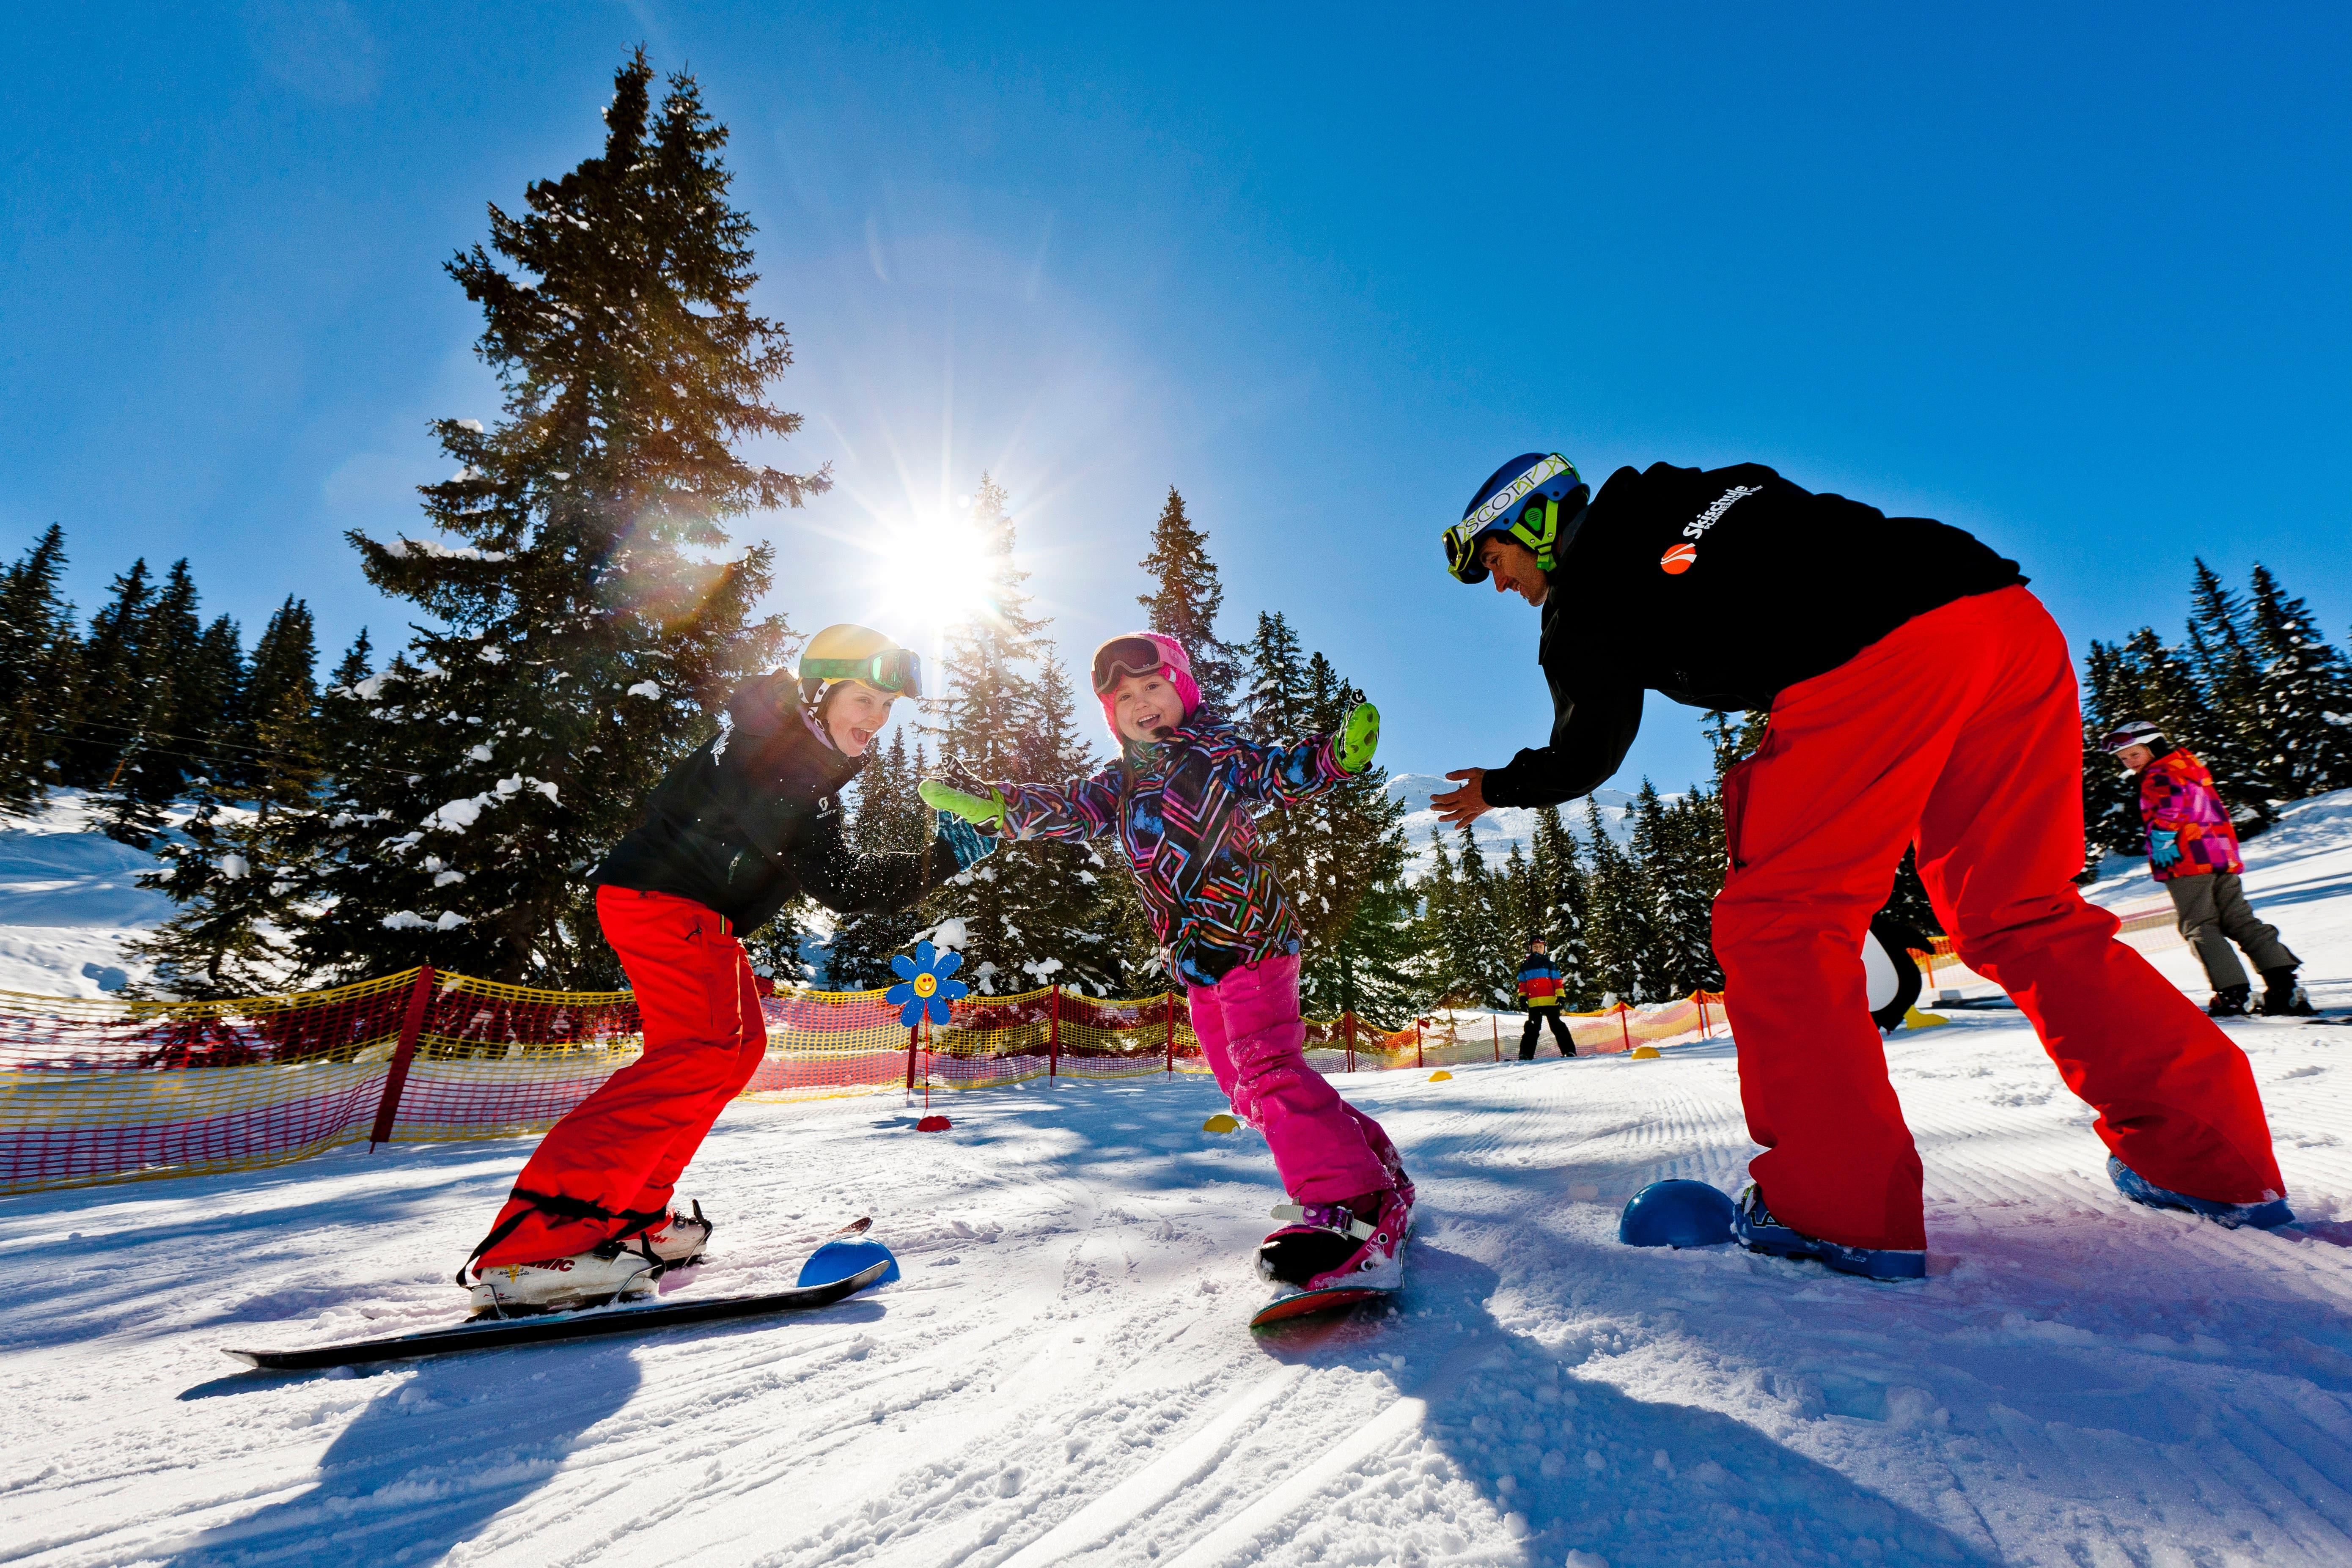 Skikurs mit Kindern im Knderland auf der Planneralm. JUFA Hotels bietet erholsamen Familienurlaub und einen unvergesslichen Winterurlaub.